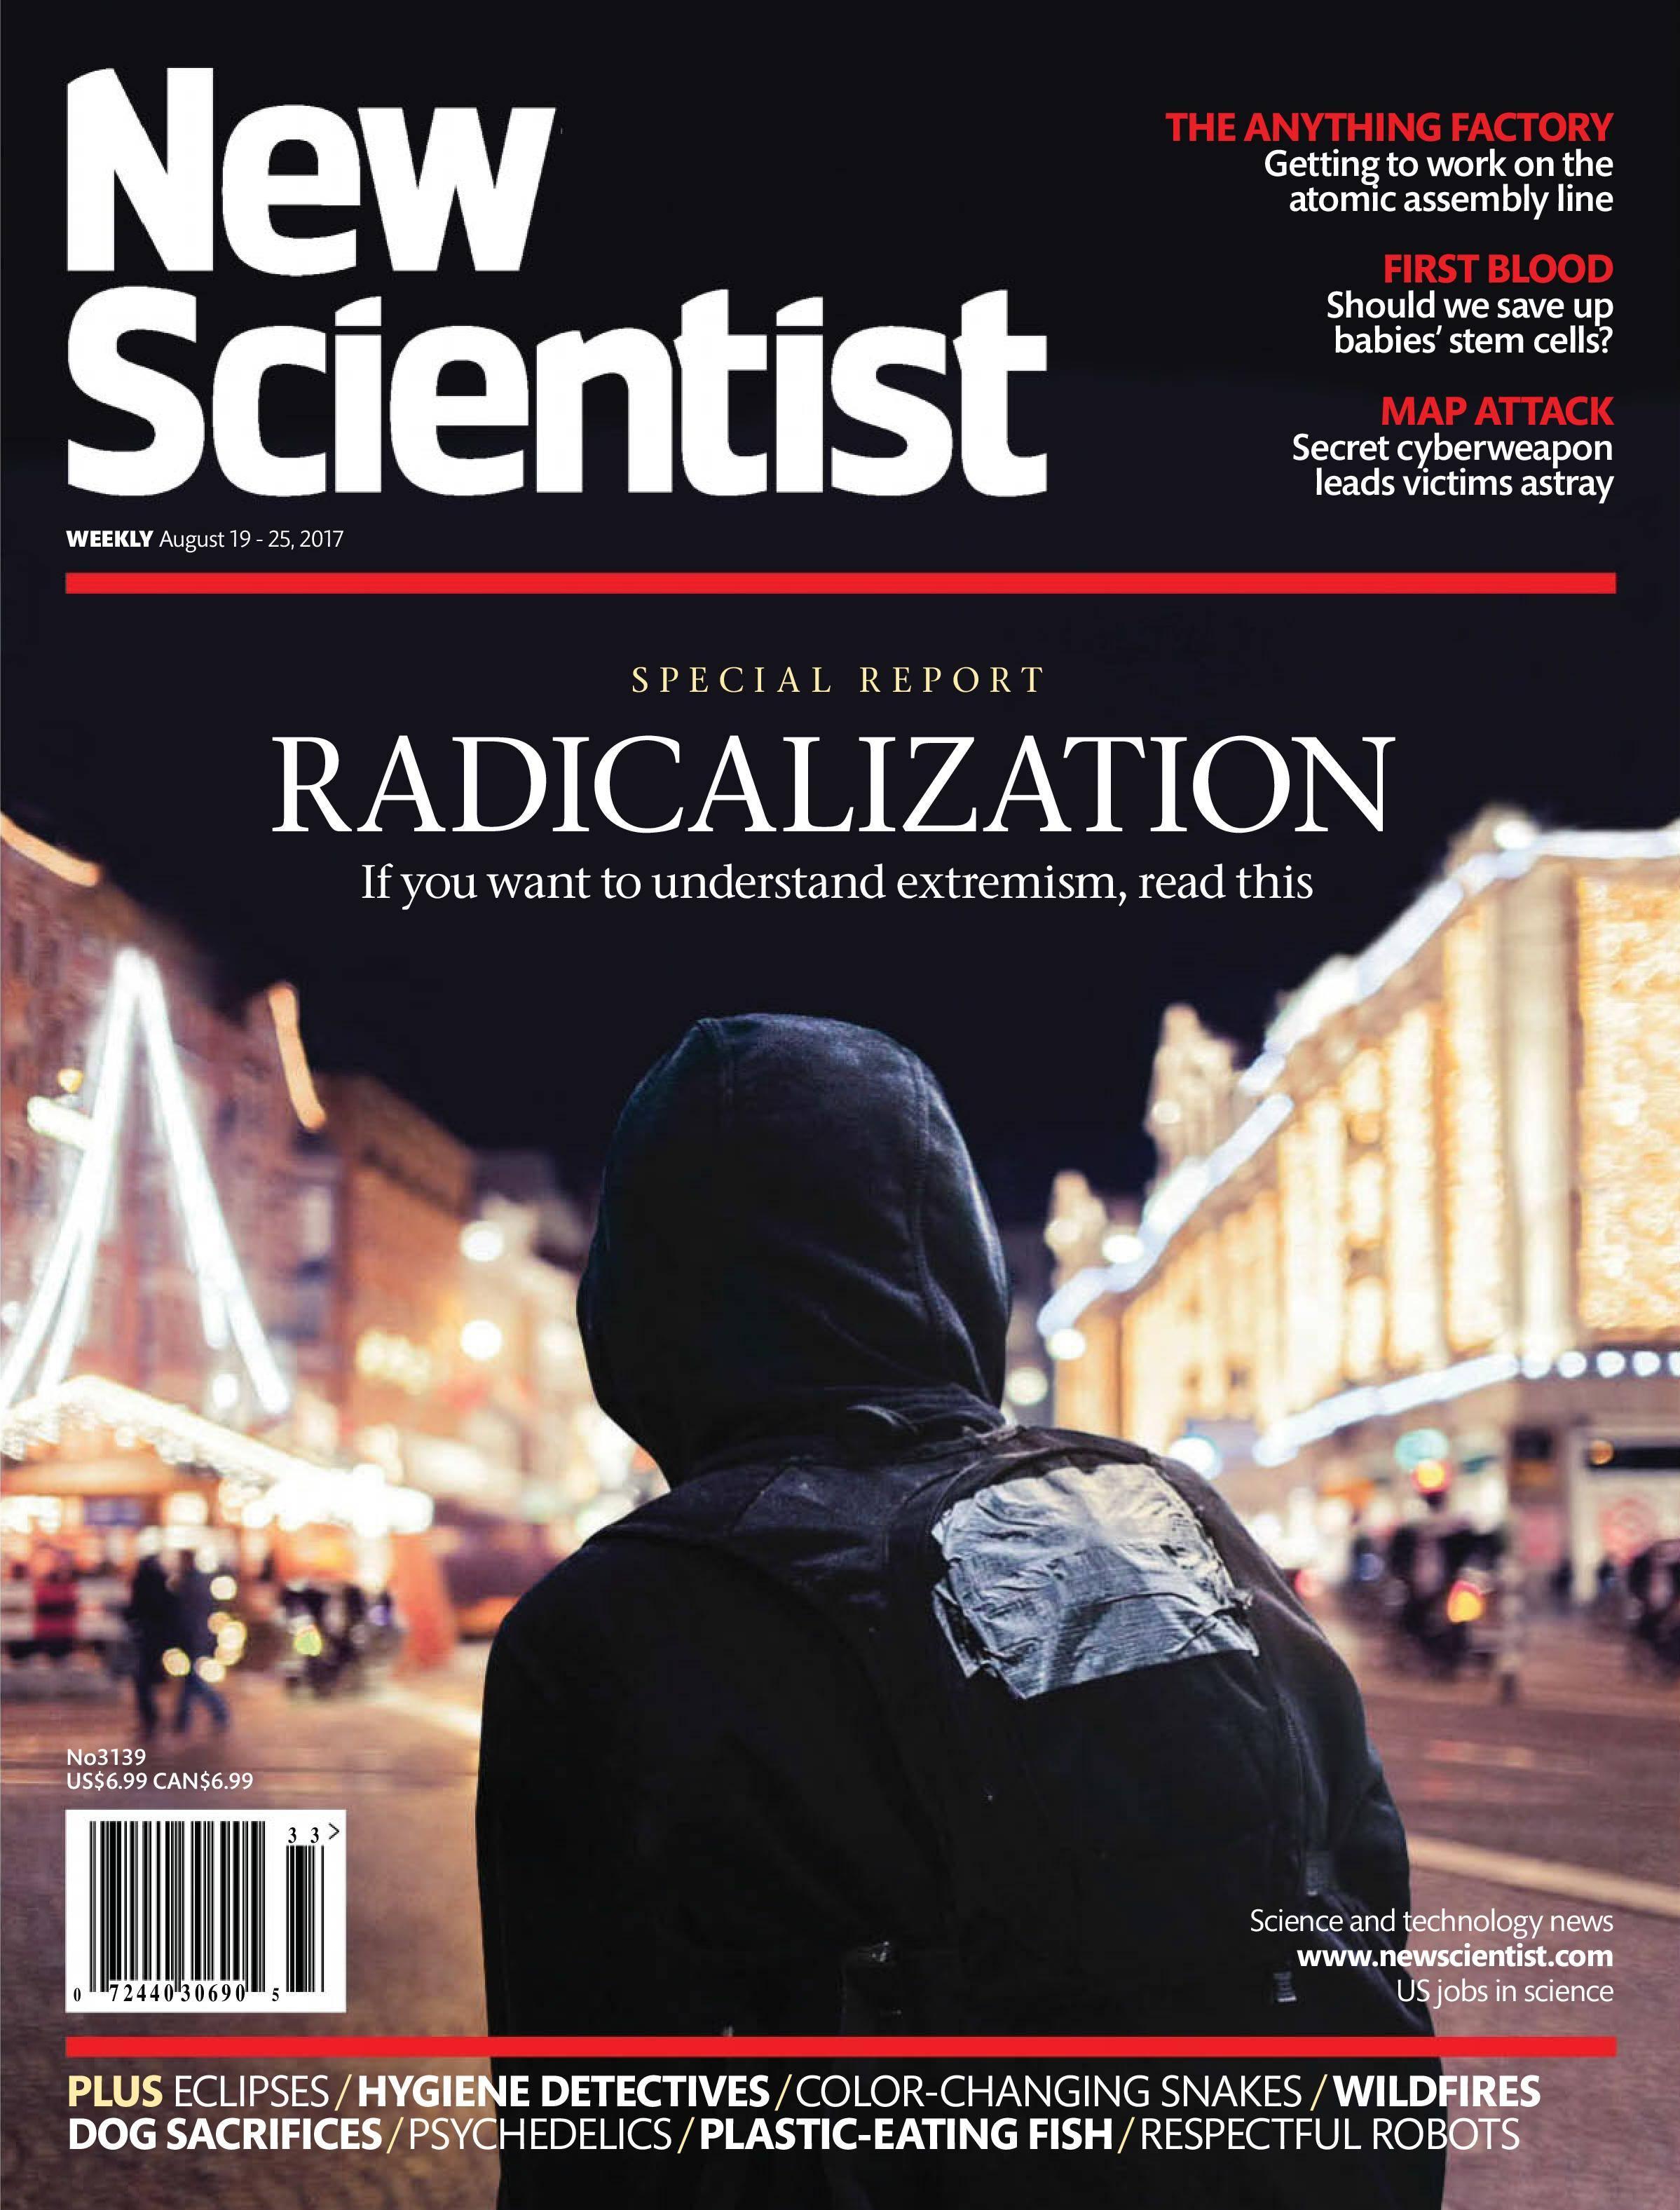 New Scientist - August 19, 2017